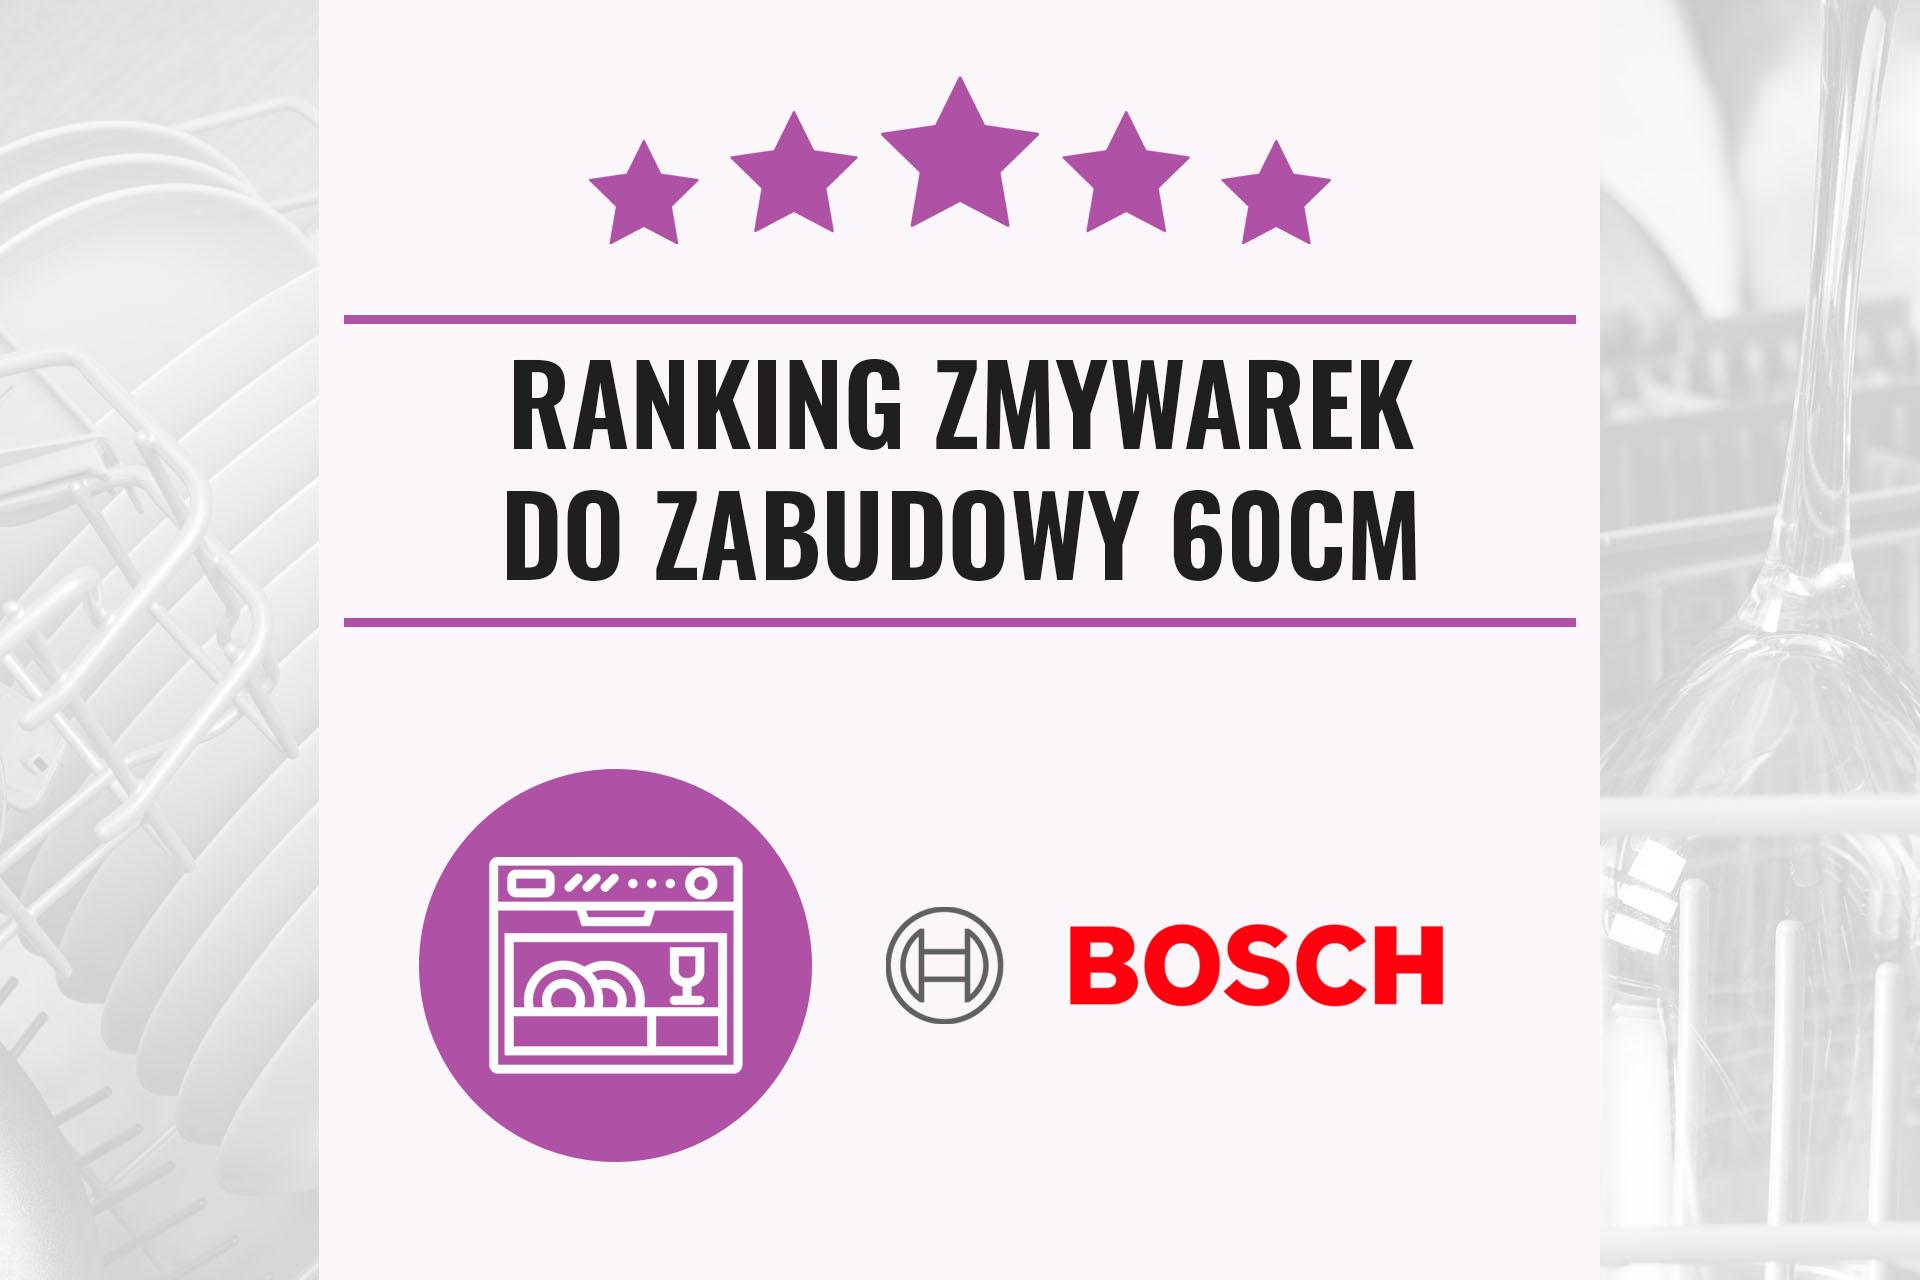 Ranking zmywarek Bosch 2021 – do zabudowy 60 cm